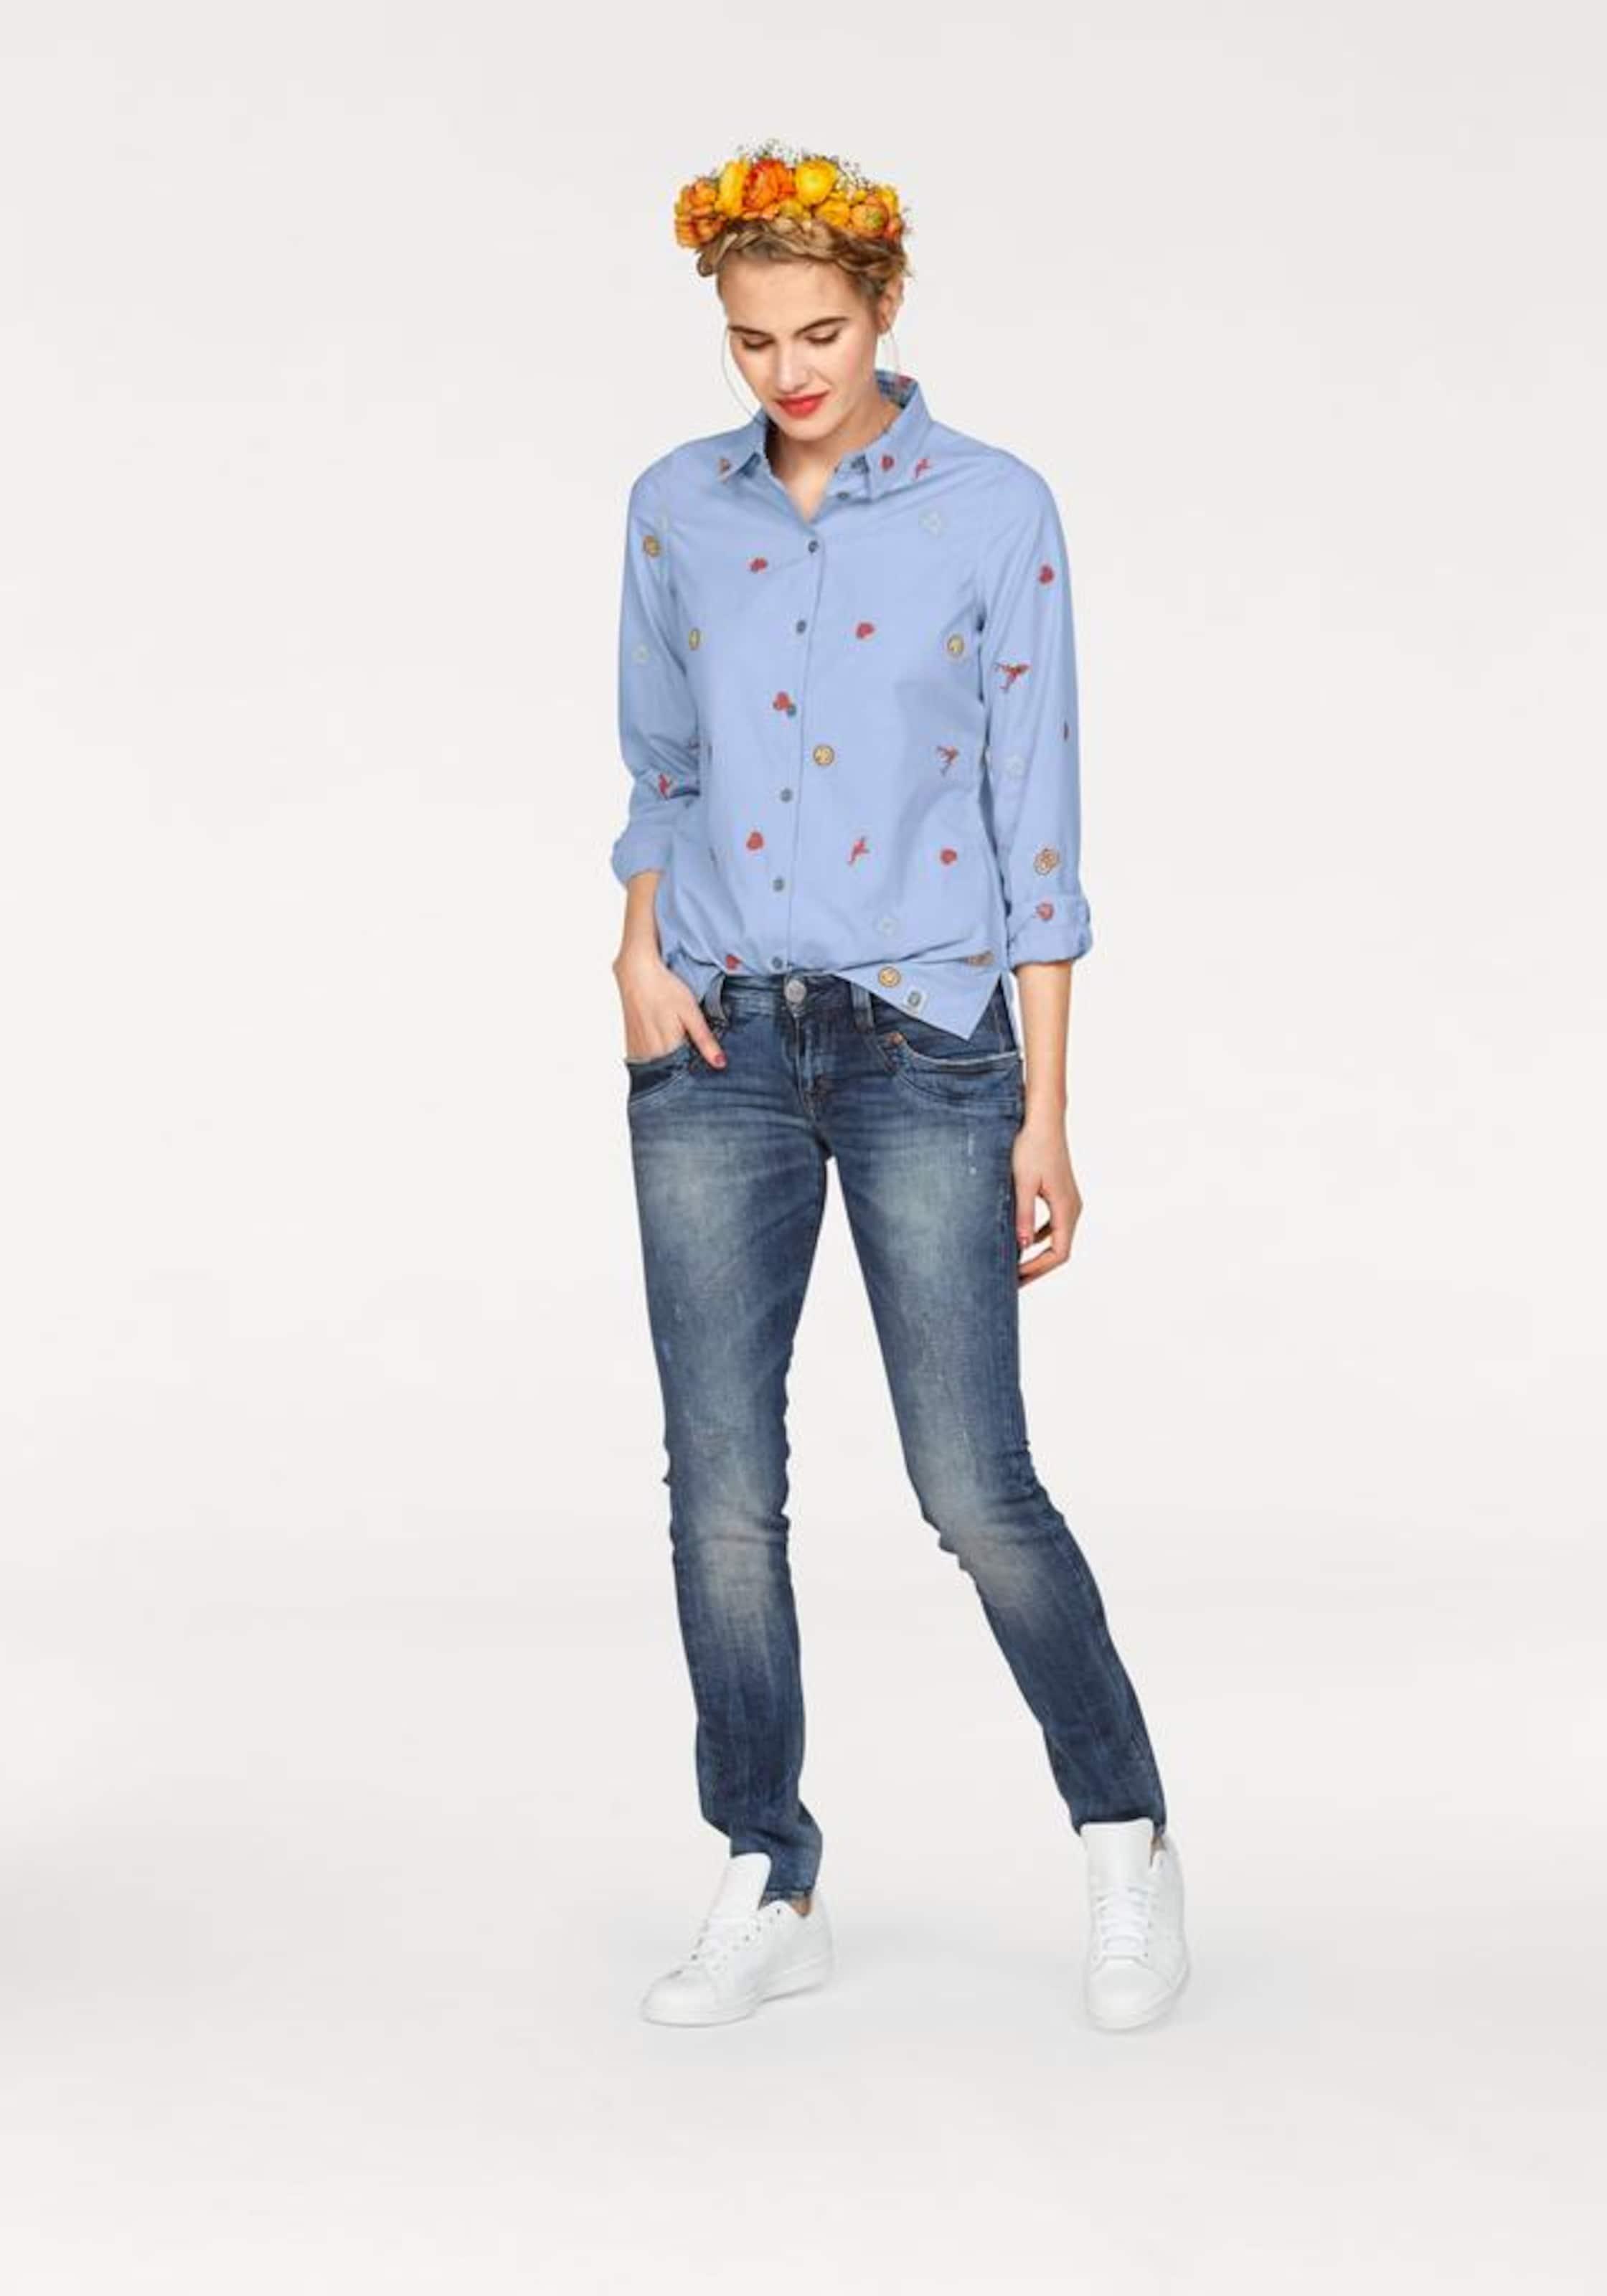 'Piper Slim Verwaschene Herrlicher Jeans Comfort' Herrlicher 'Piper Denim xHEFgnwx8q